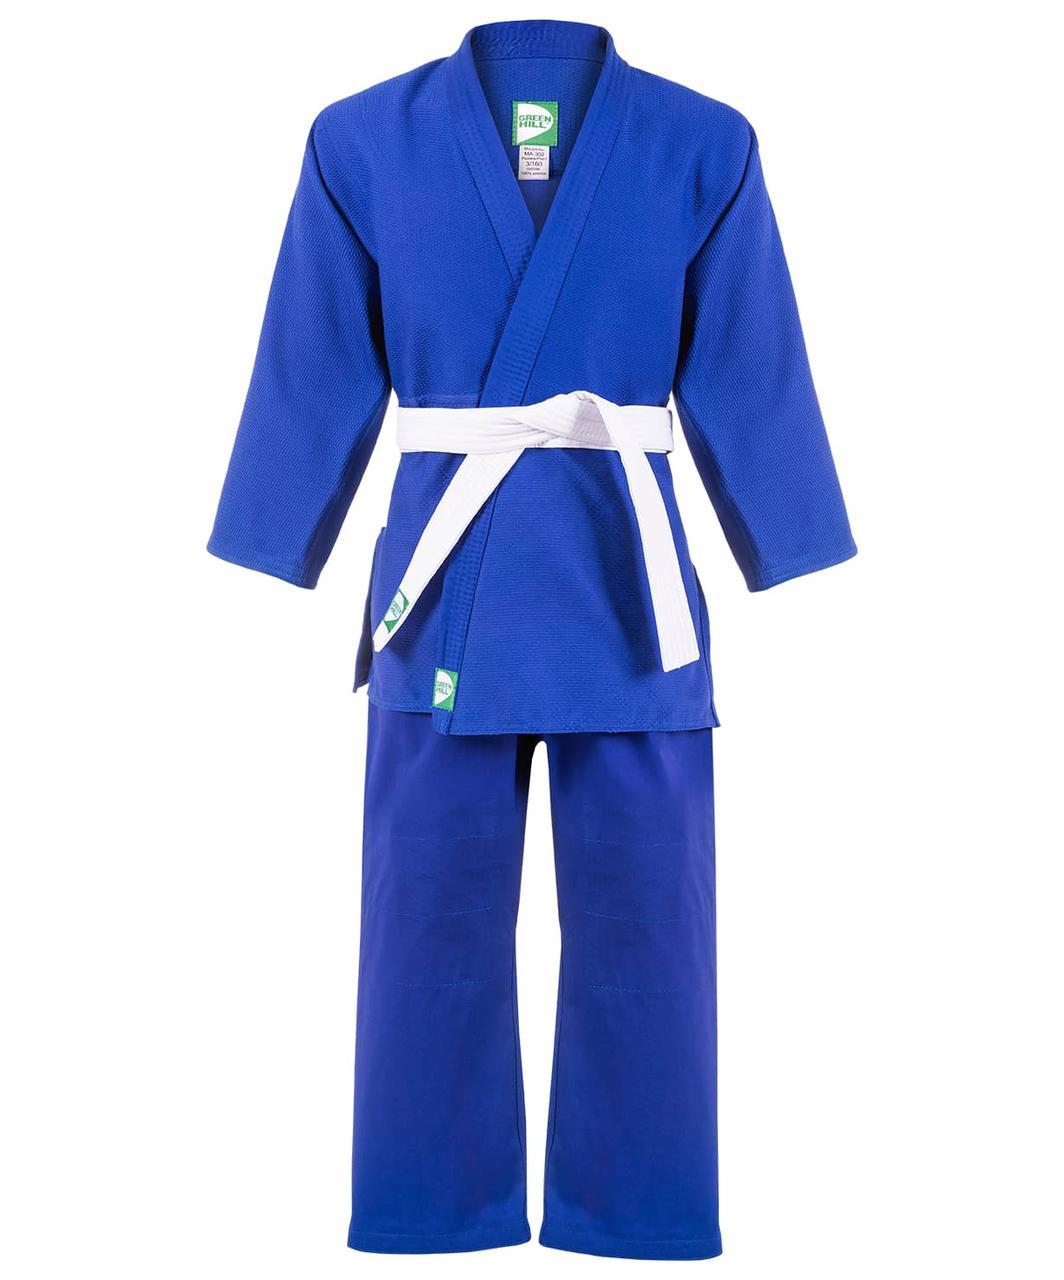 Кимоно для дзюдо MA-302, синий,  Green Hill